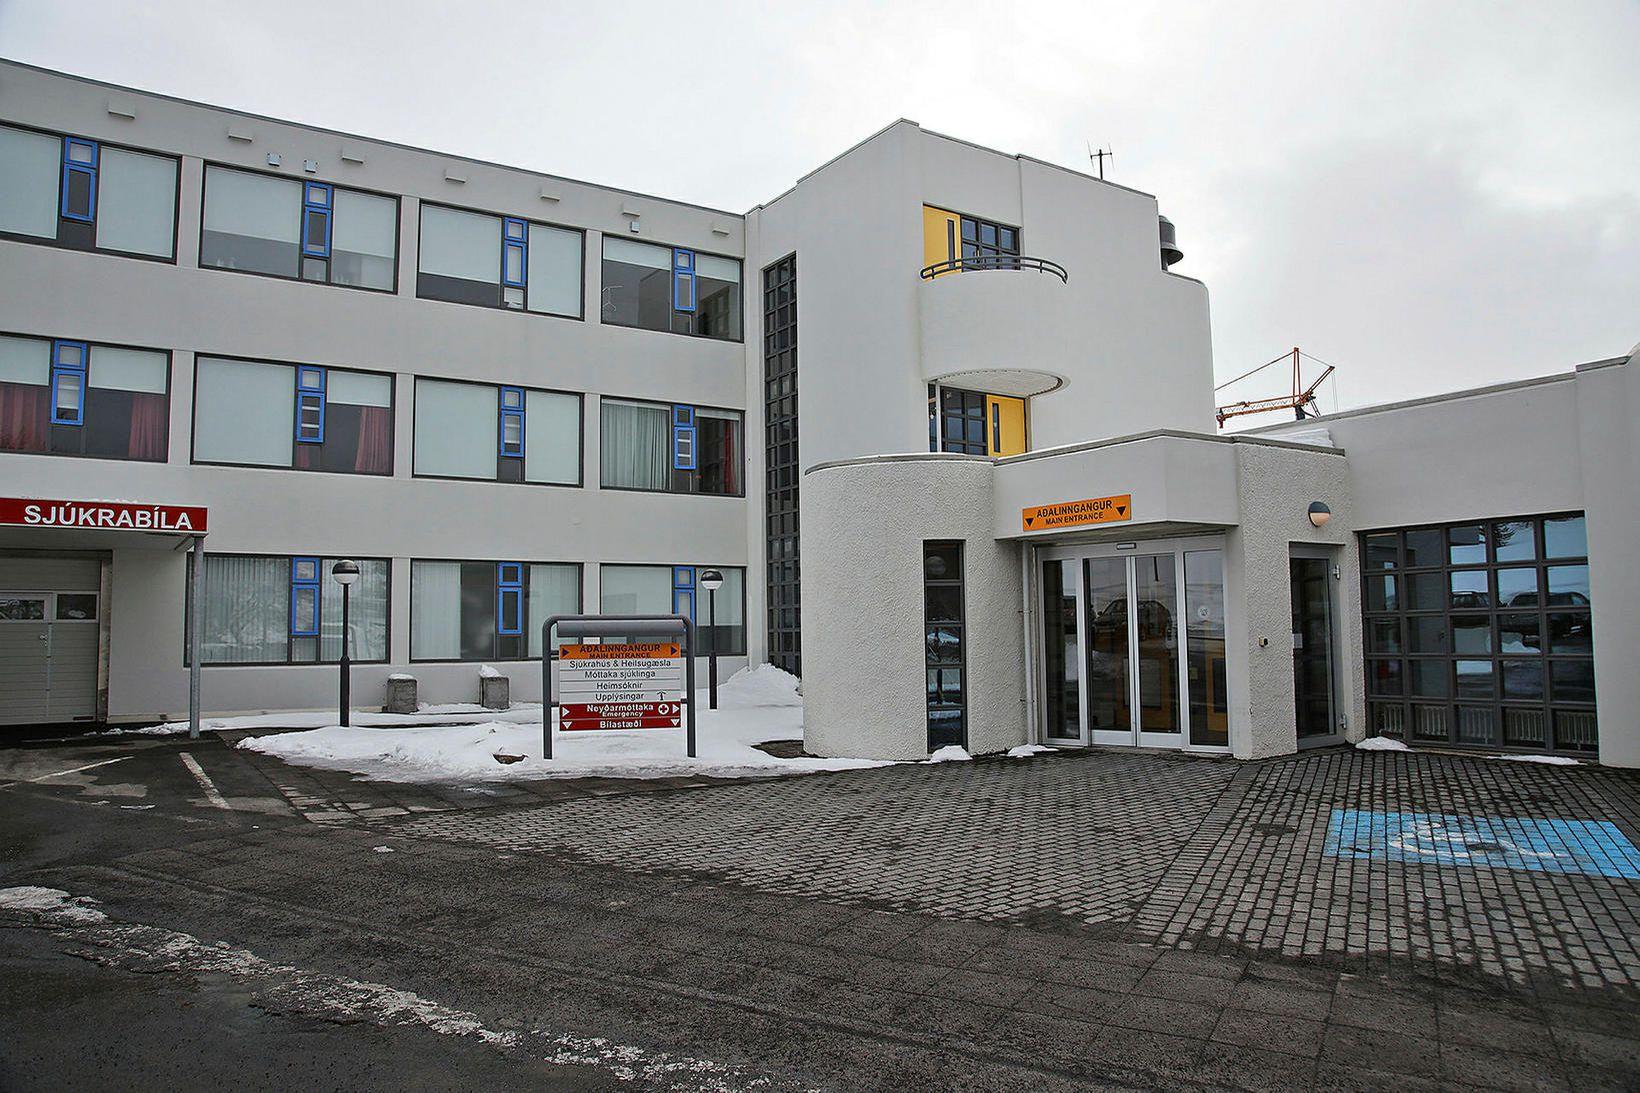 Erlendur ferðamaður leitaði til Heilbrigðisstofnunar Norðurlands á Húsavík vegna alvarlegra …